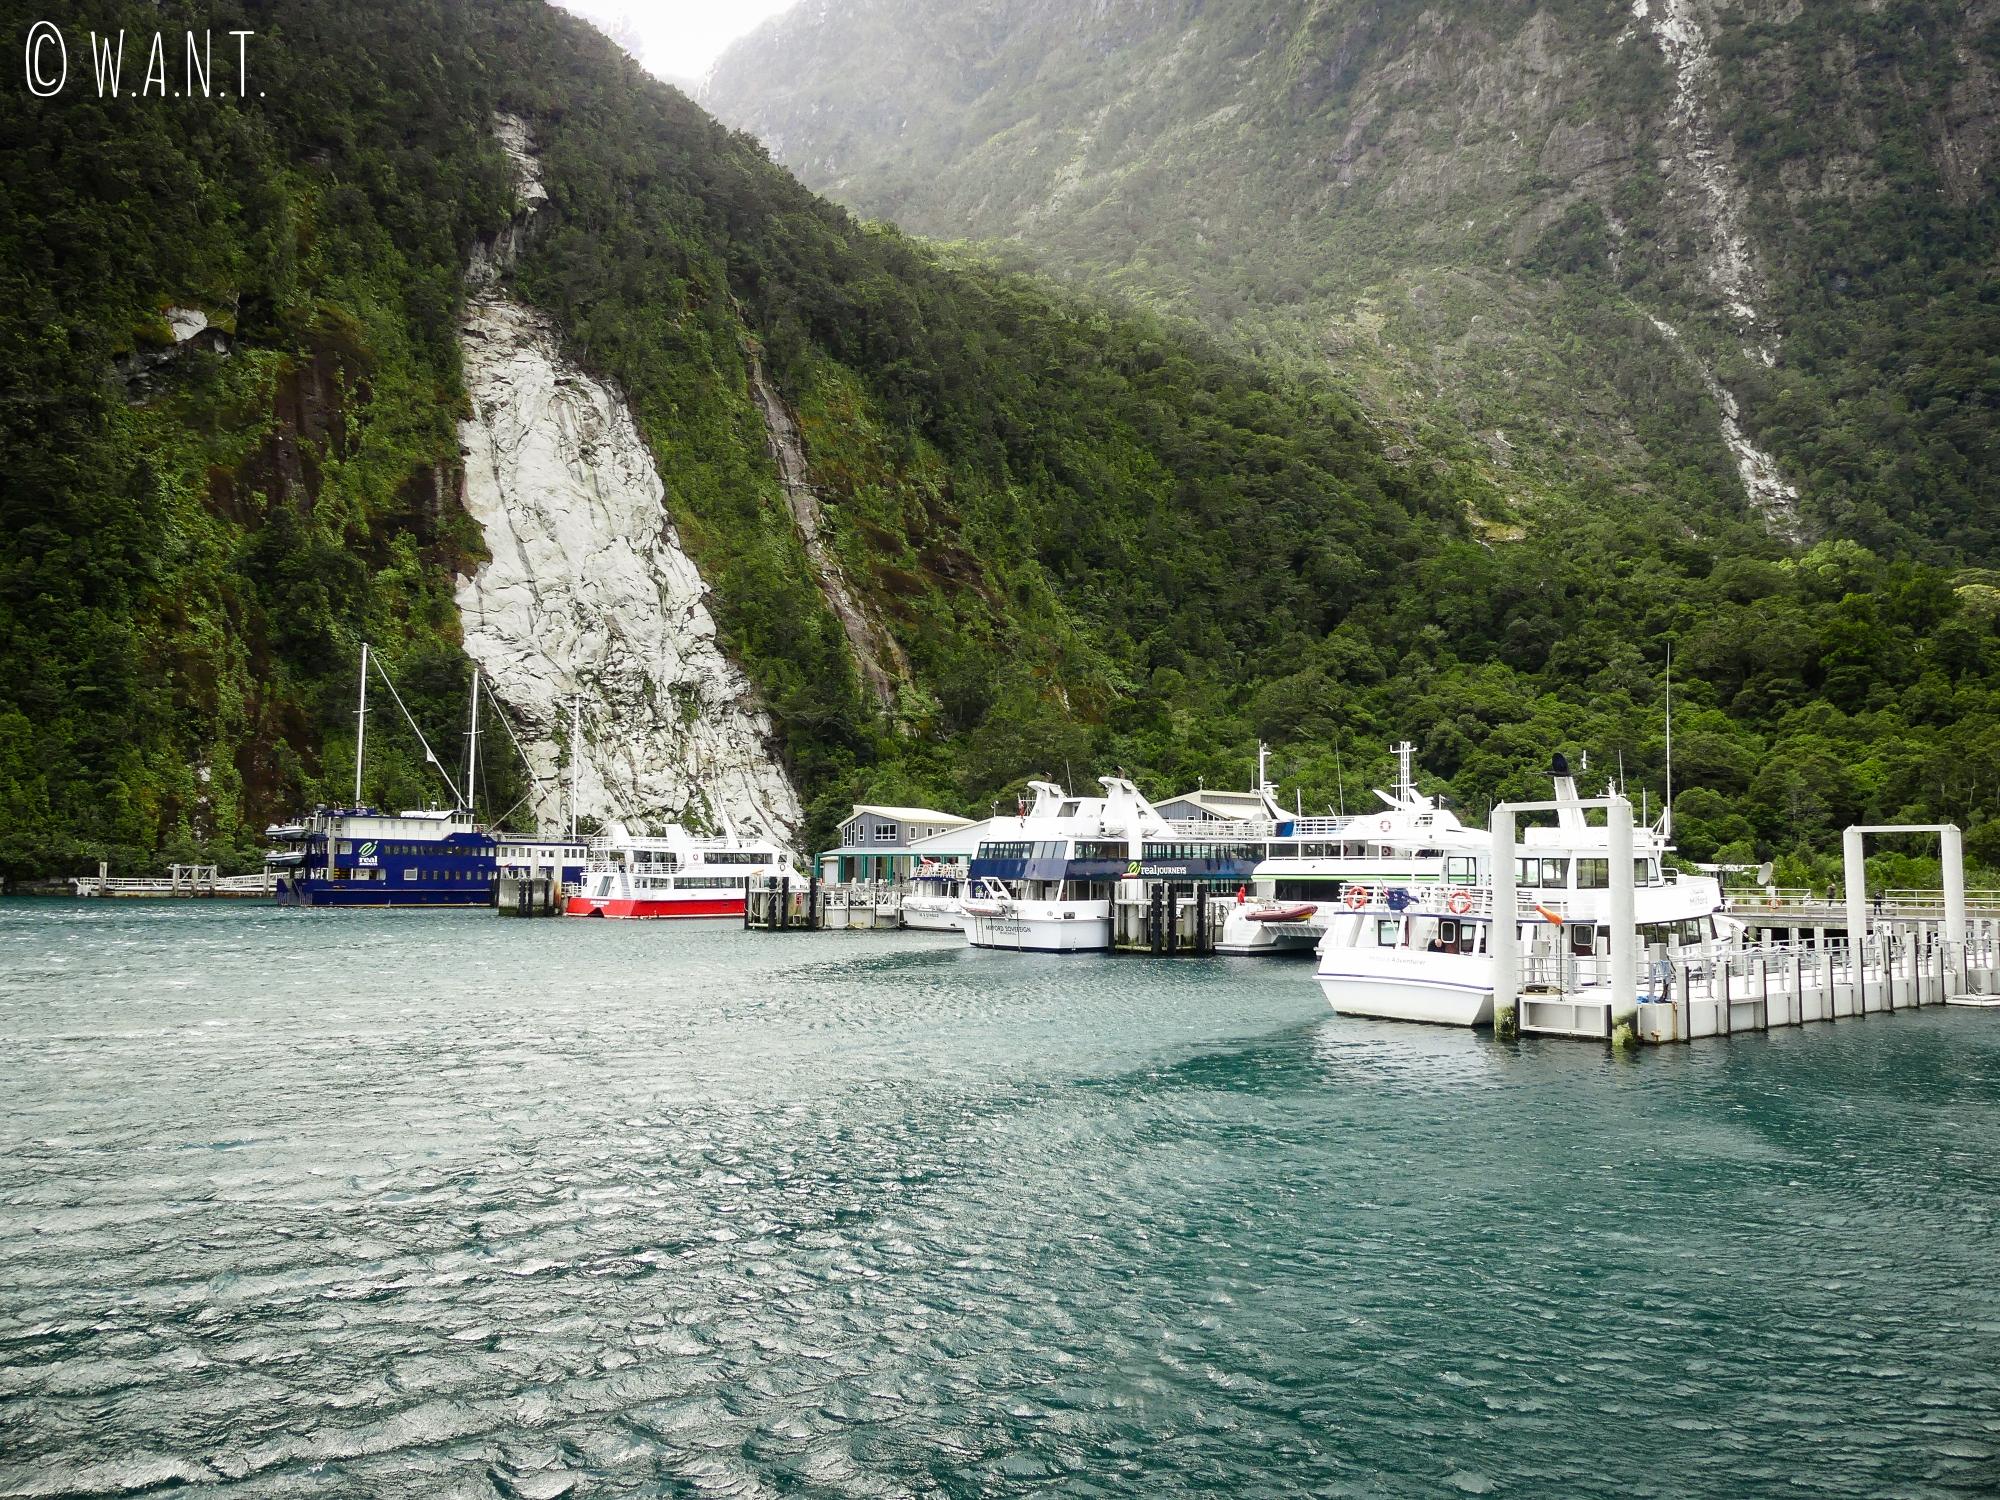 Port de la ville de Milford Sound en Nouvelle-Zélande où les bateaux embarquent leurs passagers